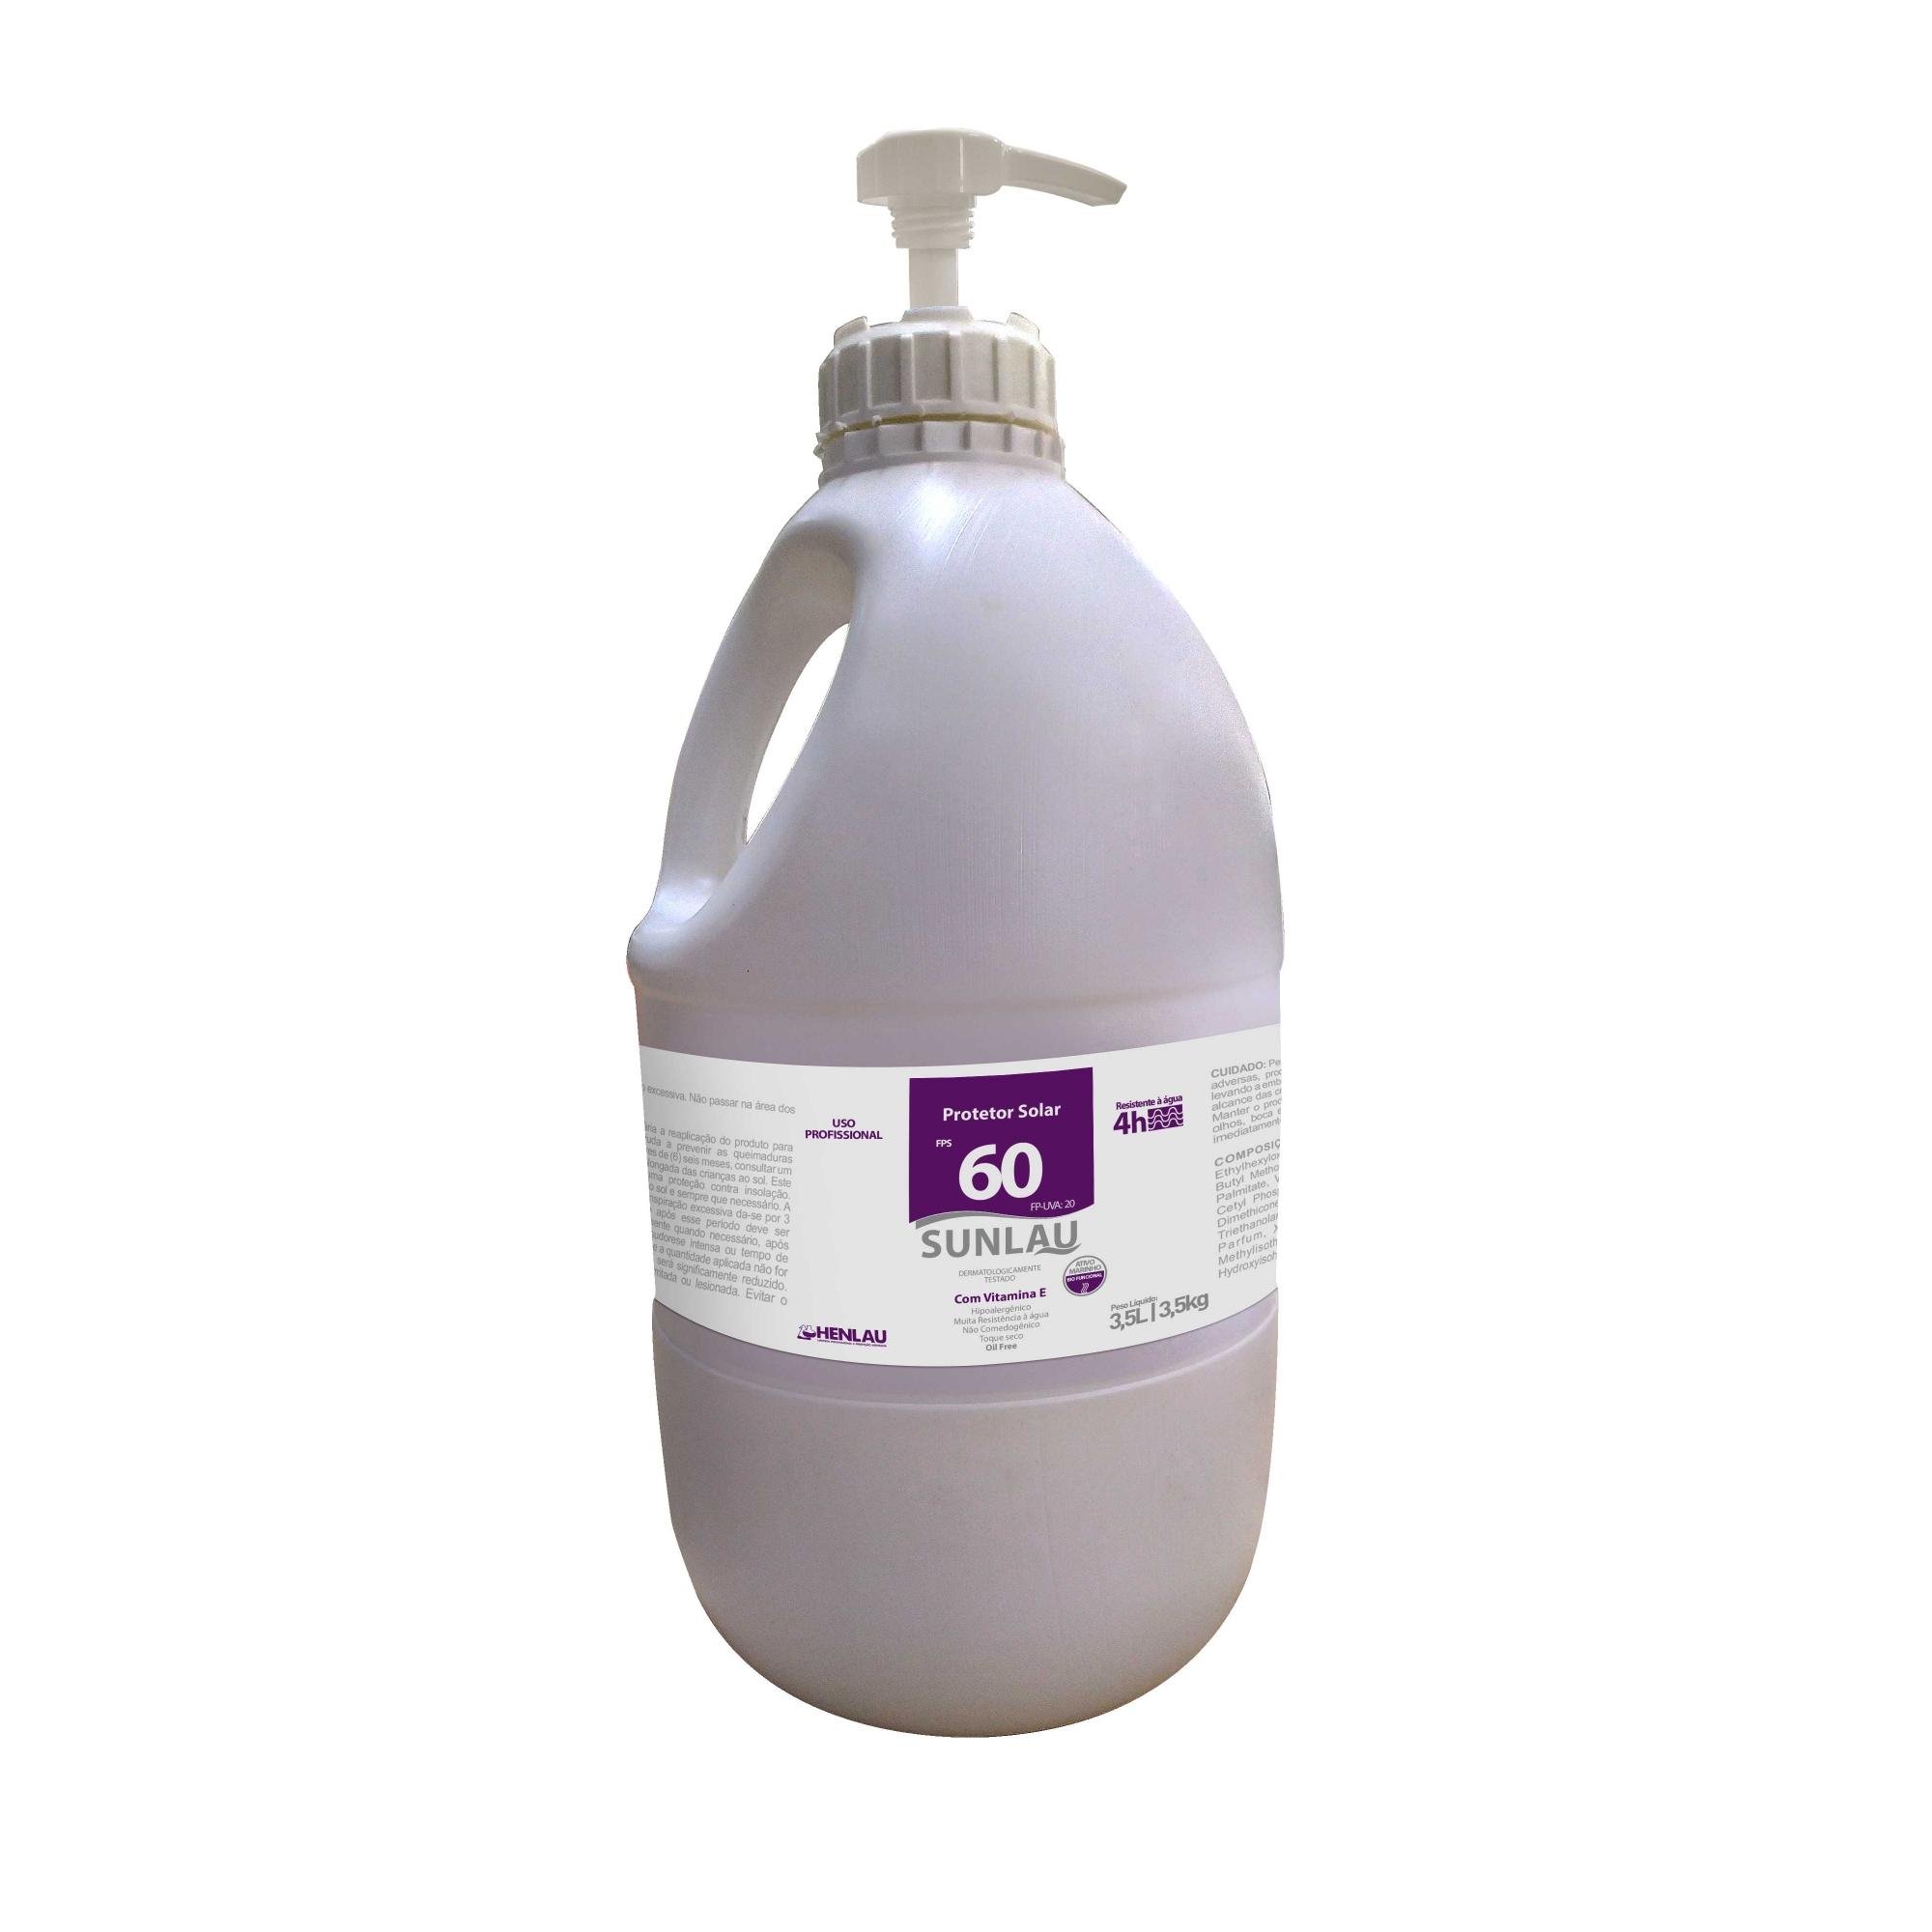 Protetor Solar FPS 60 UVA/UVB com Vitamina E e Bioativo Marinho 3,5 kg Sunlau - Henlau